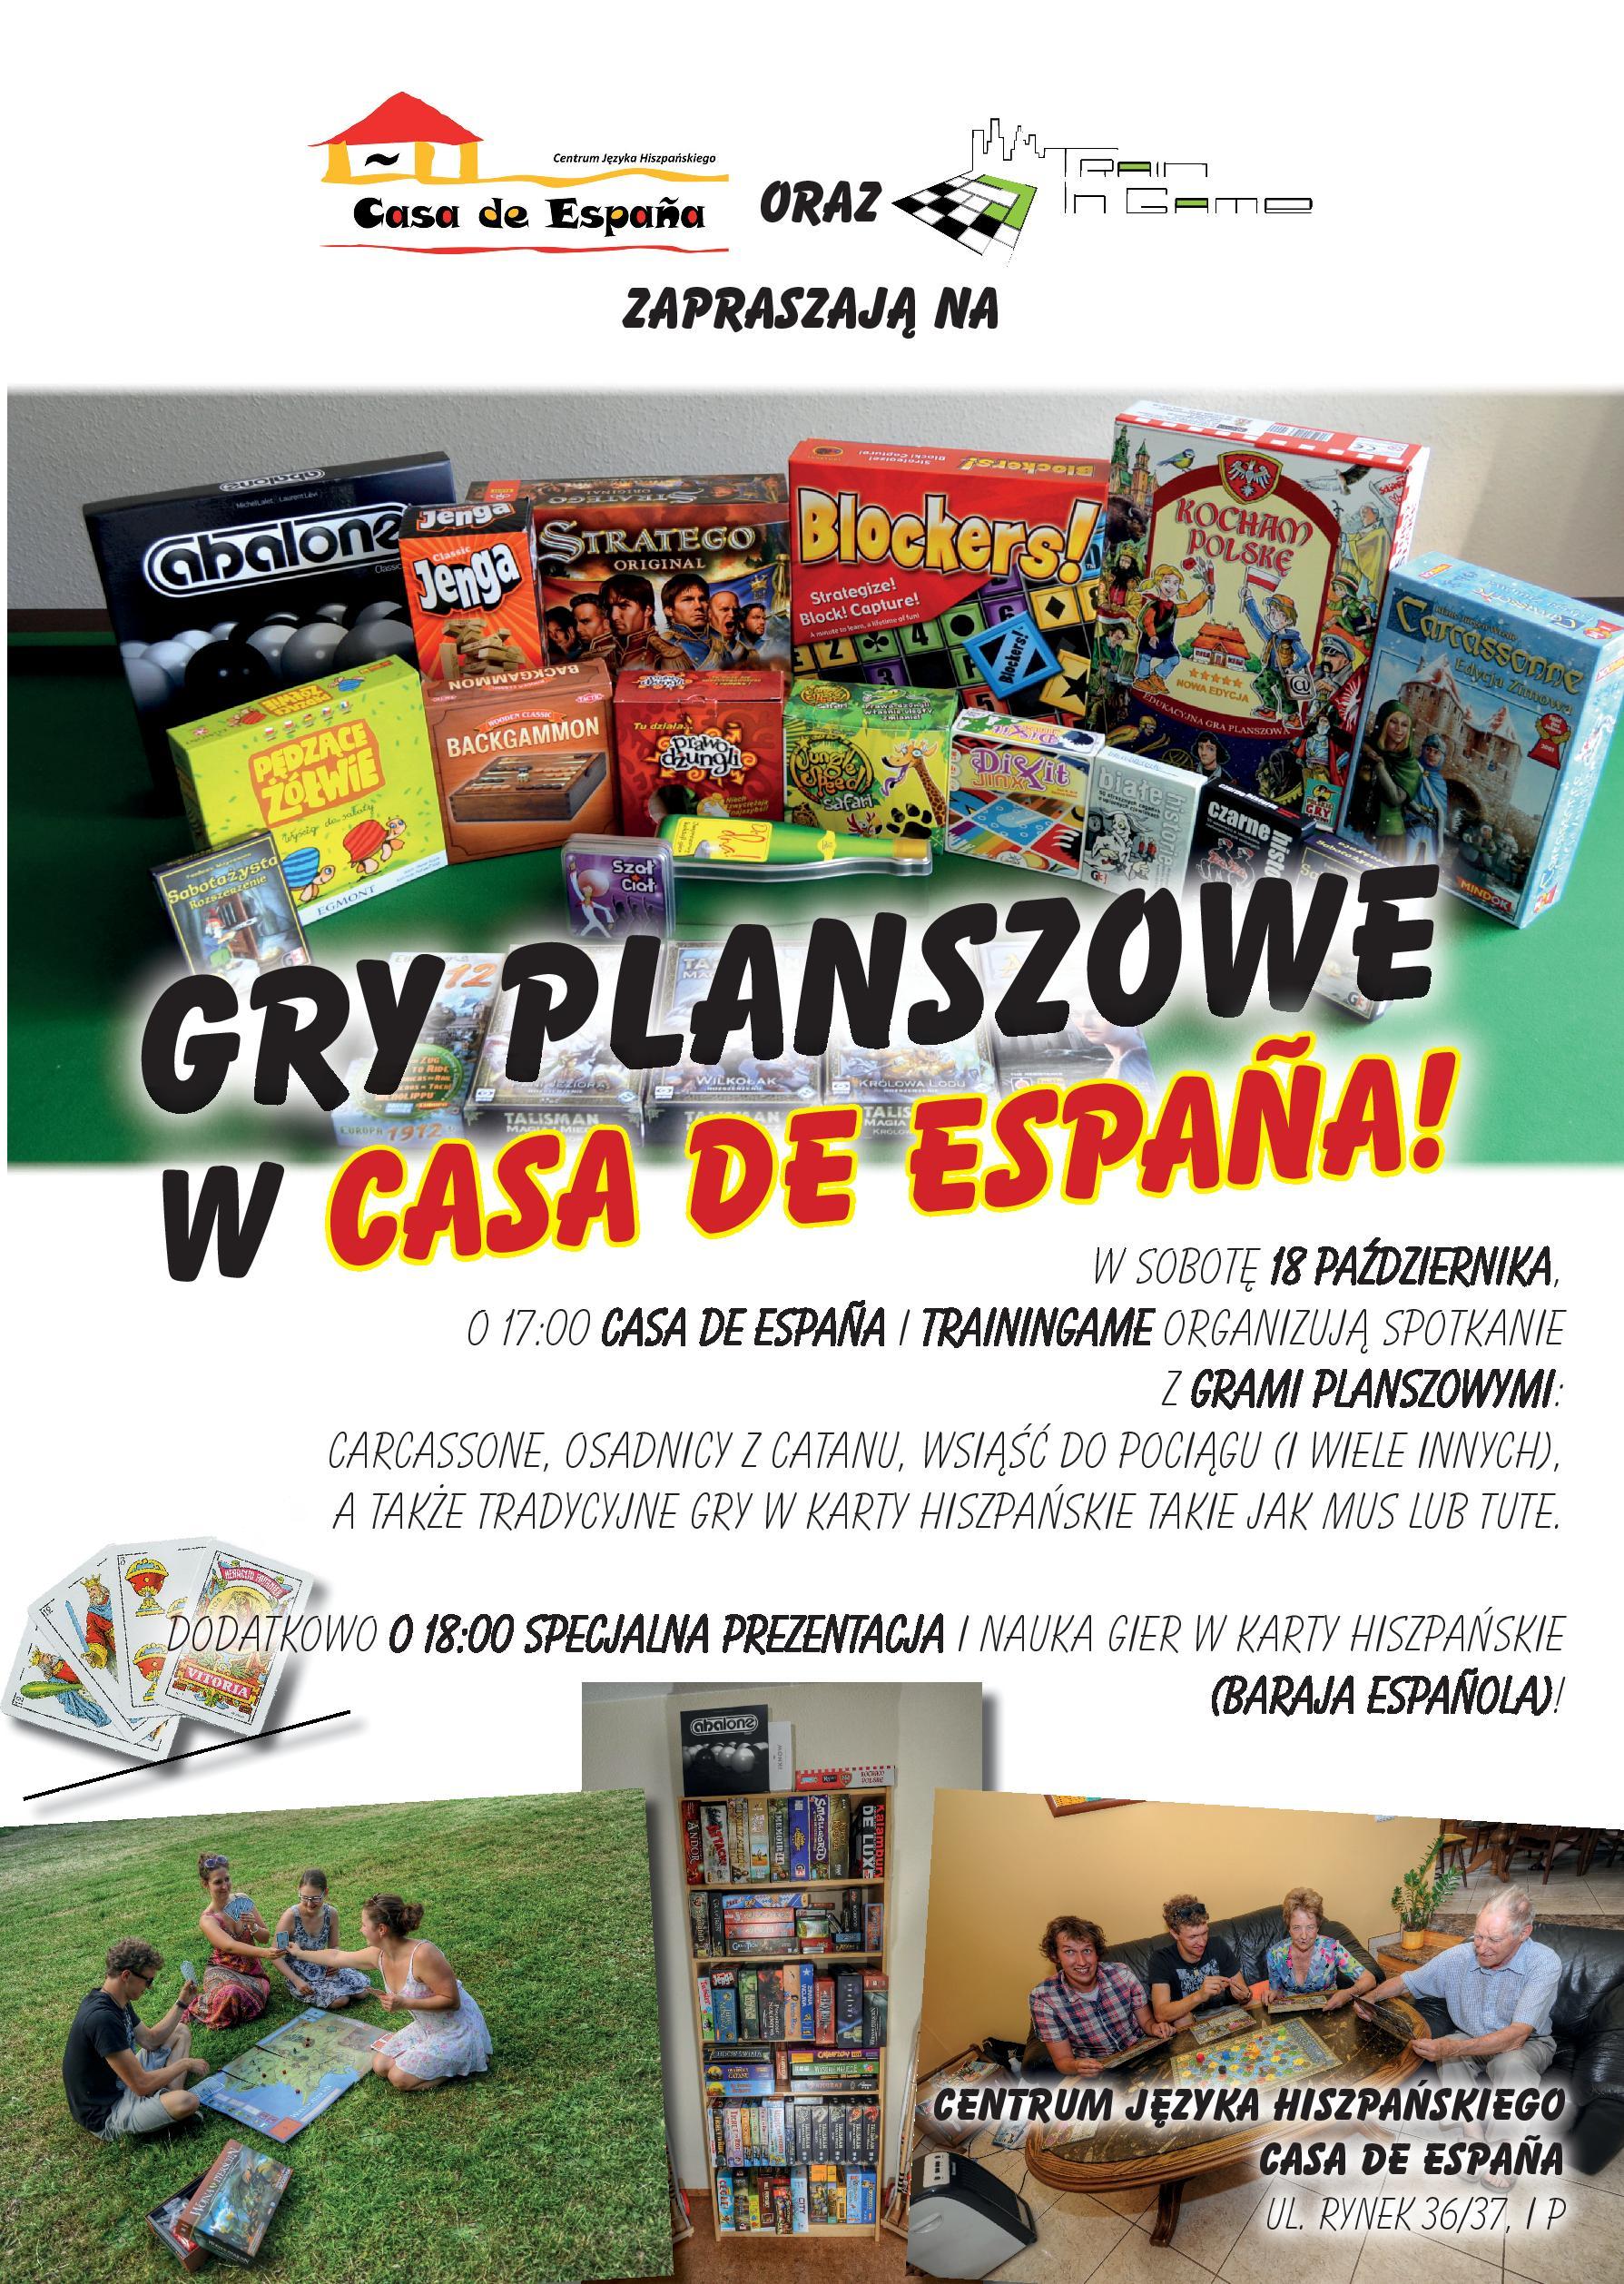 gry planszowe w casa de espana-page-001